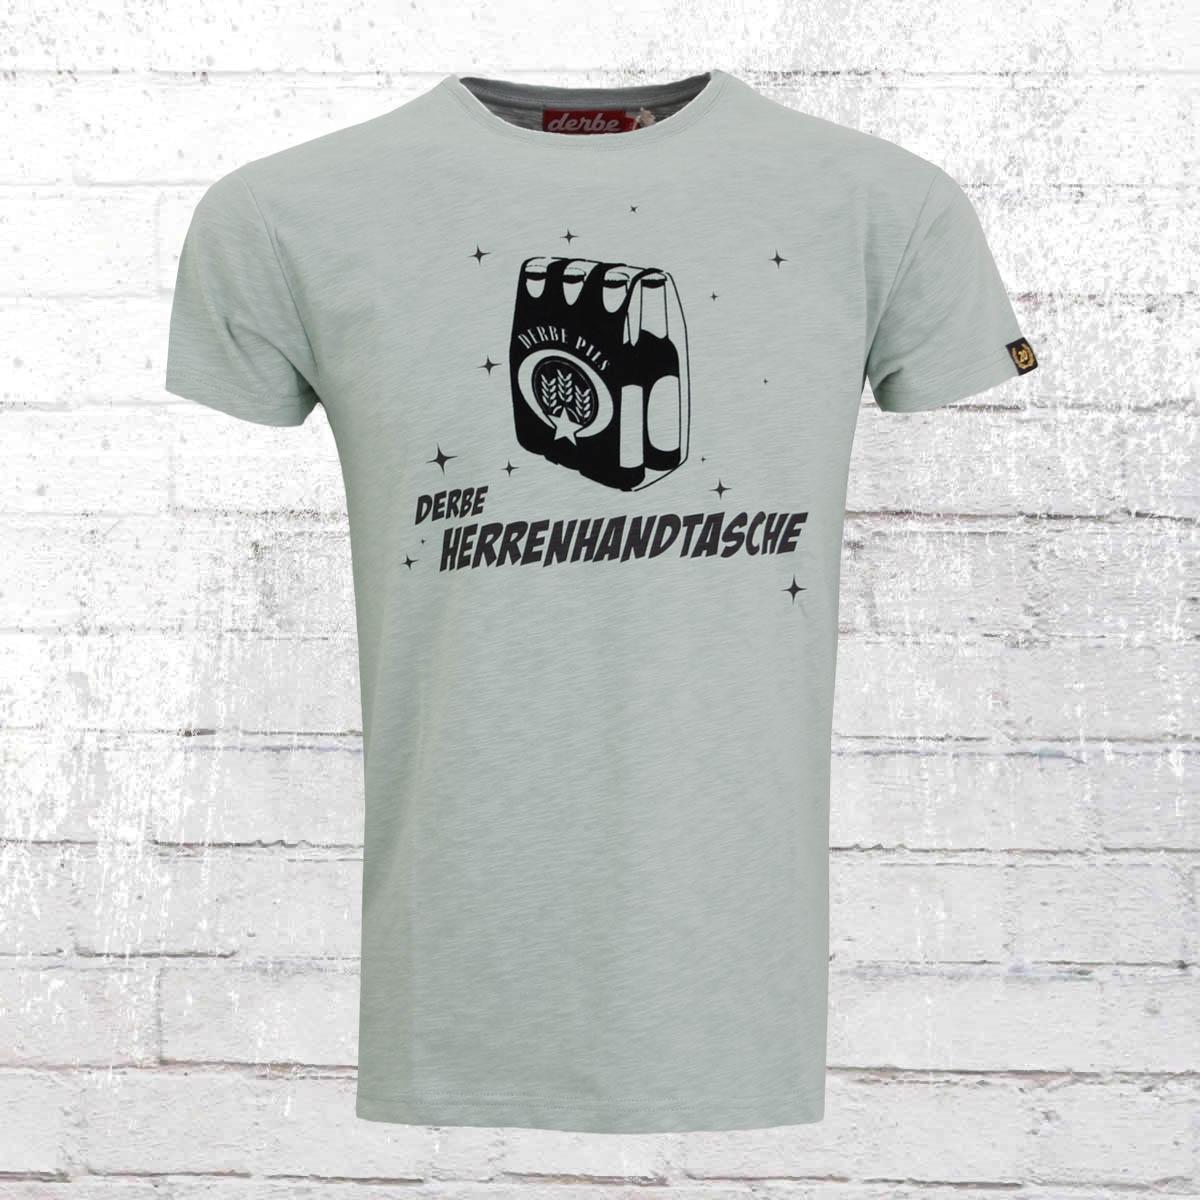 Derbe Hamburg Männer T-Shirt Herrenhandtasche grau